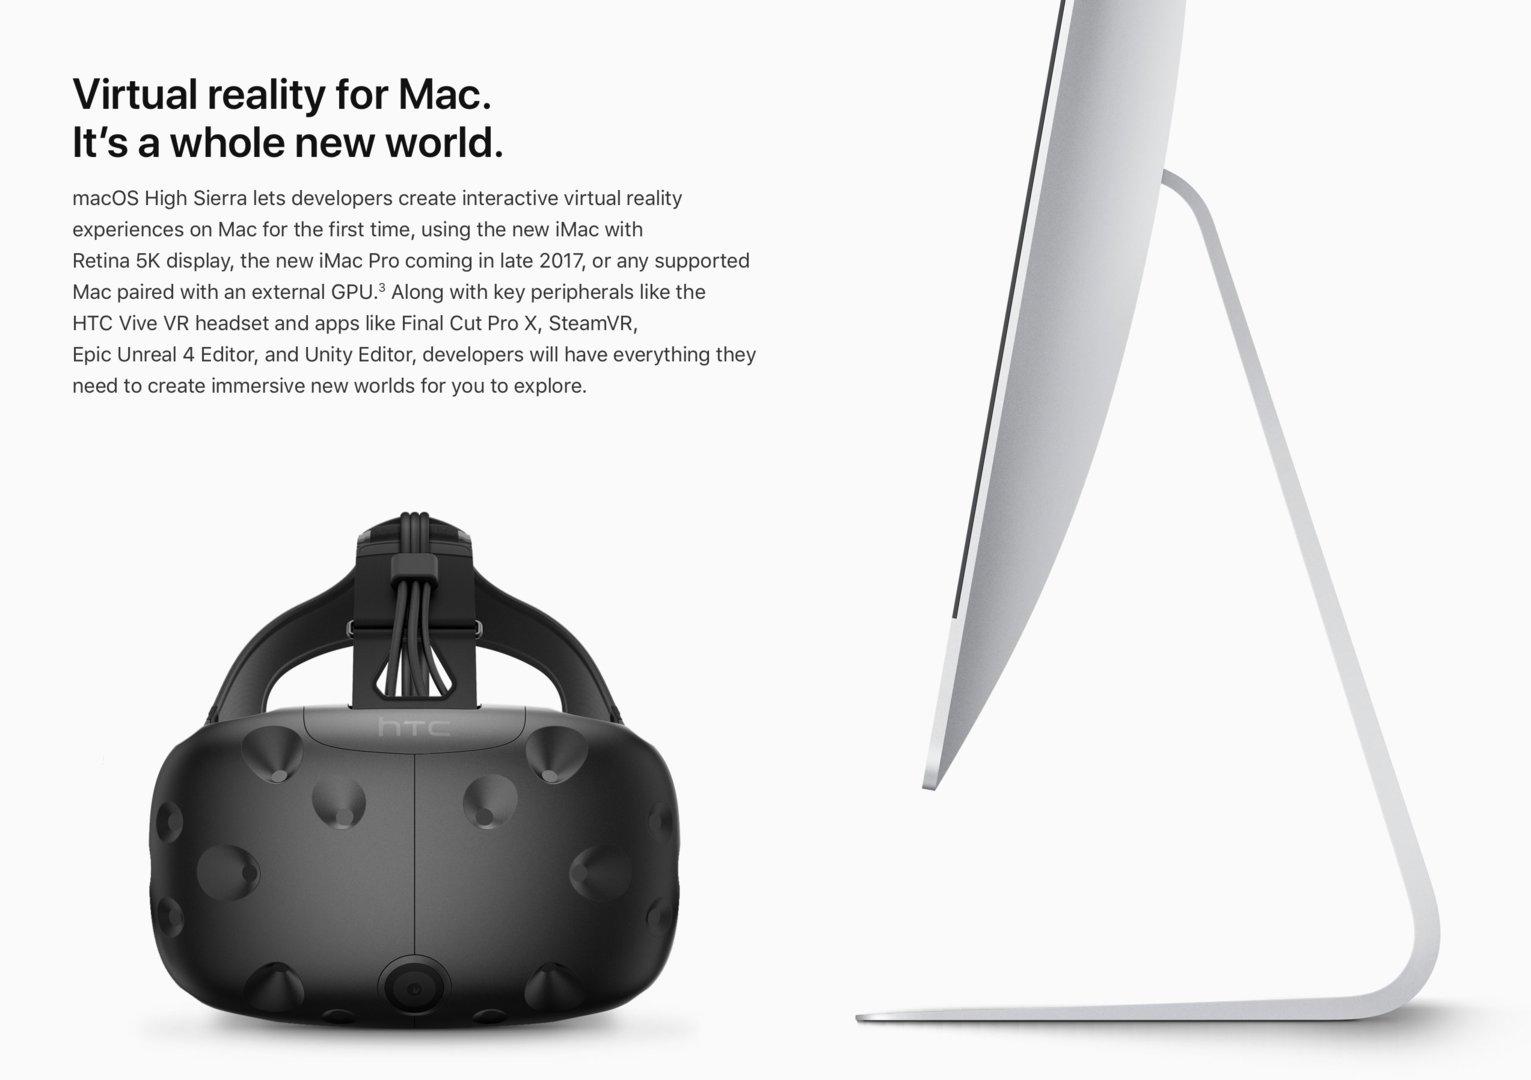 """VR auf dem Mac: Möglich mit den iMac 5K, dem iMac Pro und """"kompatiblen Mac"""" mit externer GPU"""